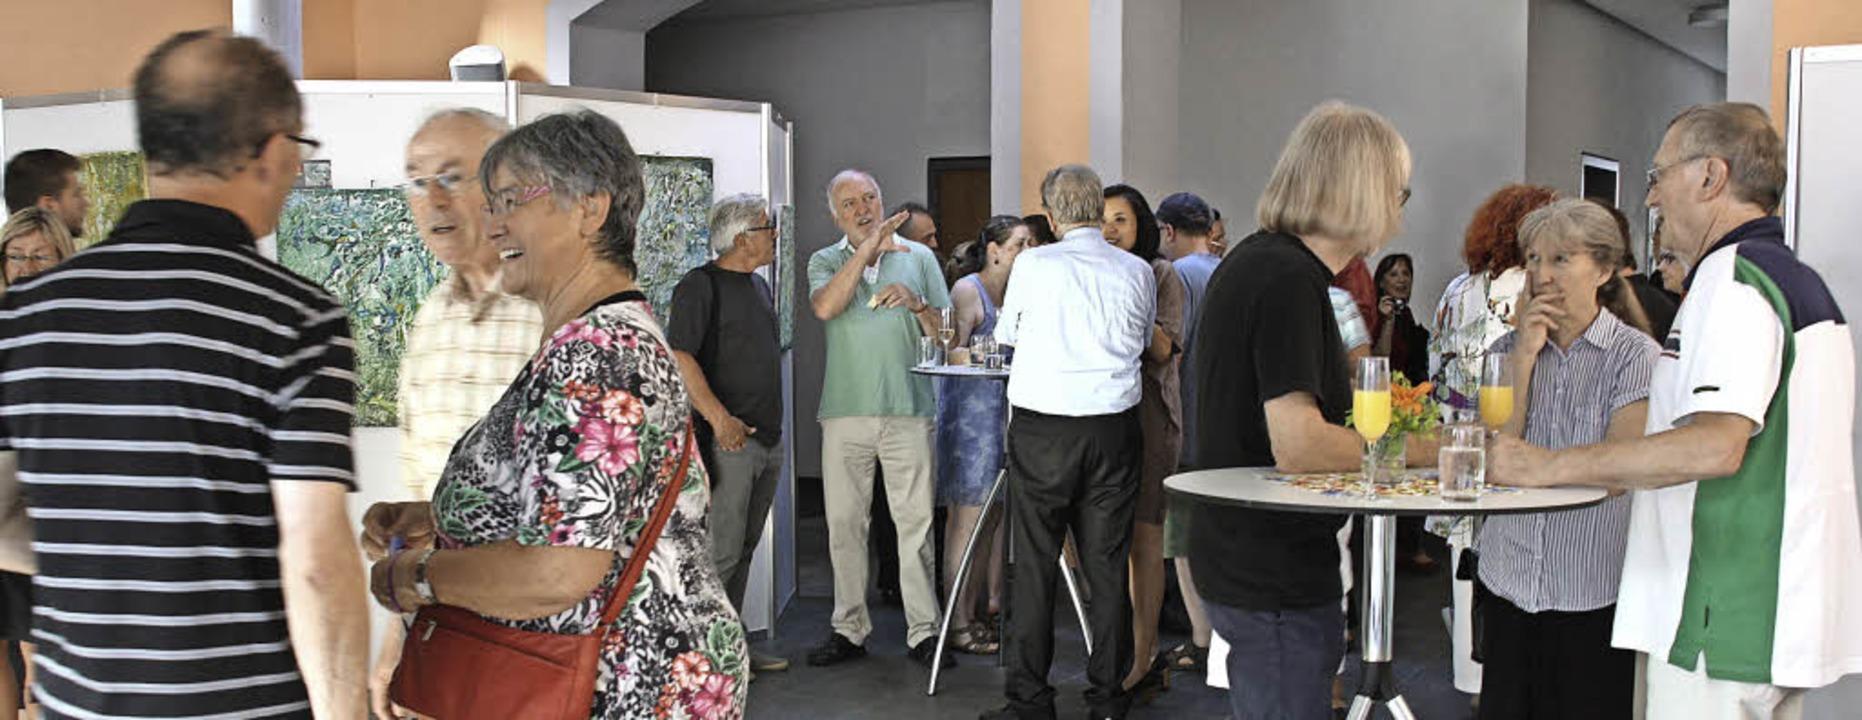 Angeregte Gespräche gab es bei der Vernissage der Kenzinger Künstlertage.   | Foto: Christiane Franz